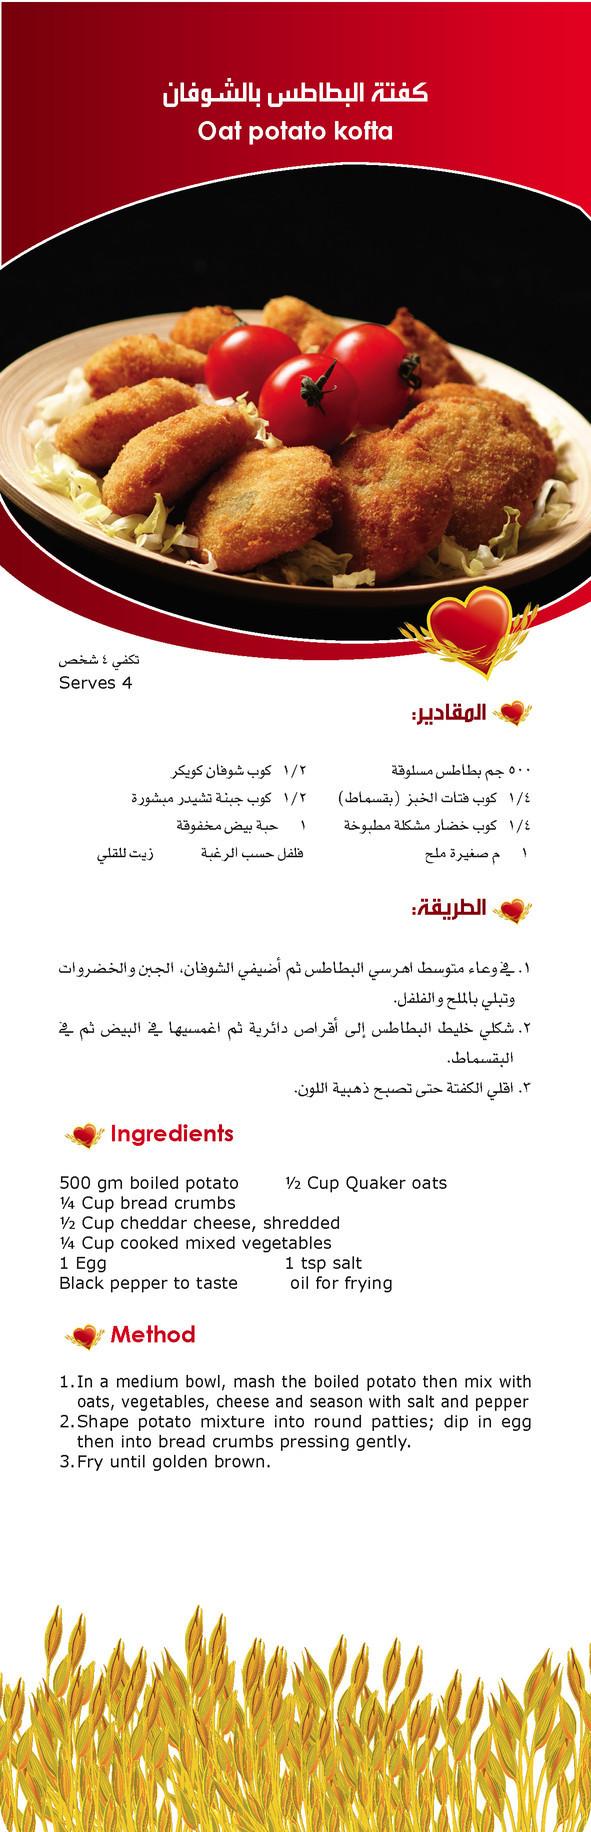 بحشوة اللحم 2013 - وصفات رمضانيه سينابون بحشوة اللحم 2013خبز